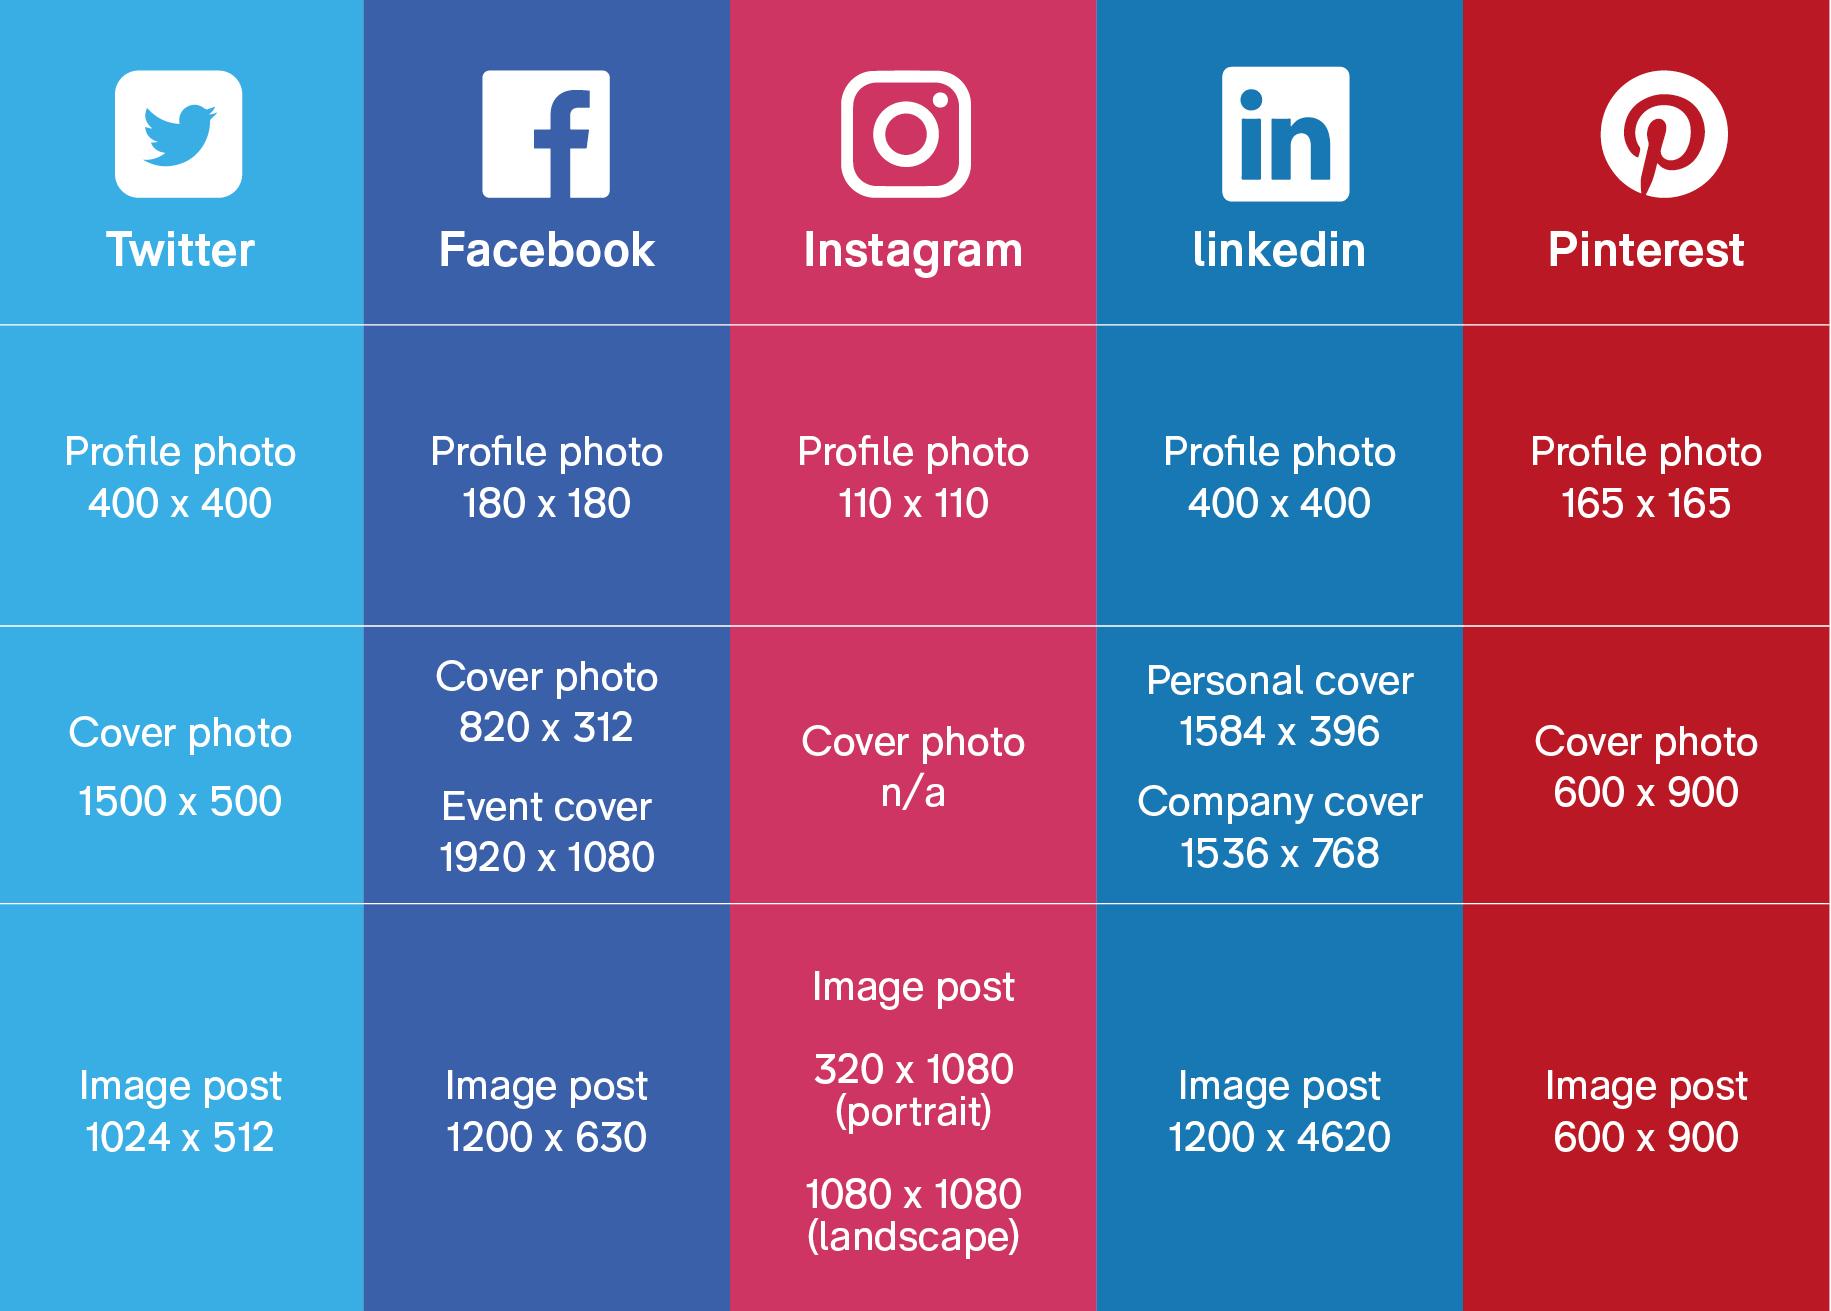 Guía para compartir imagenes en redes sociales